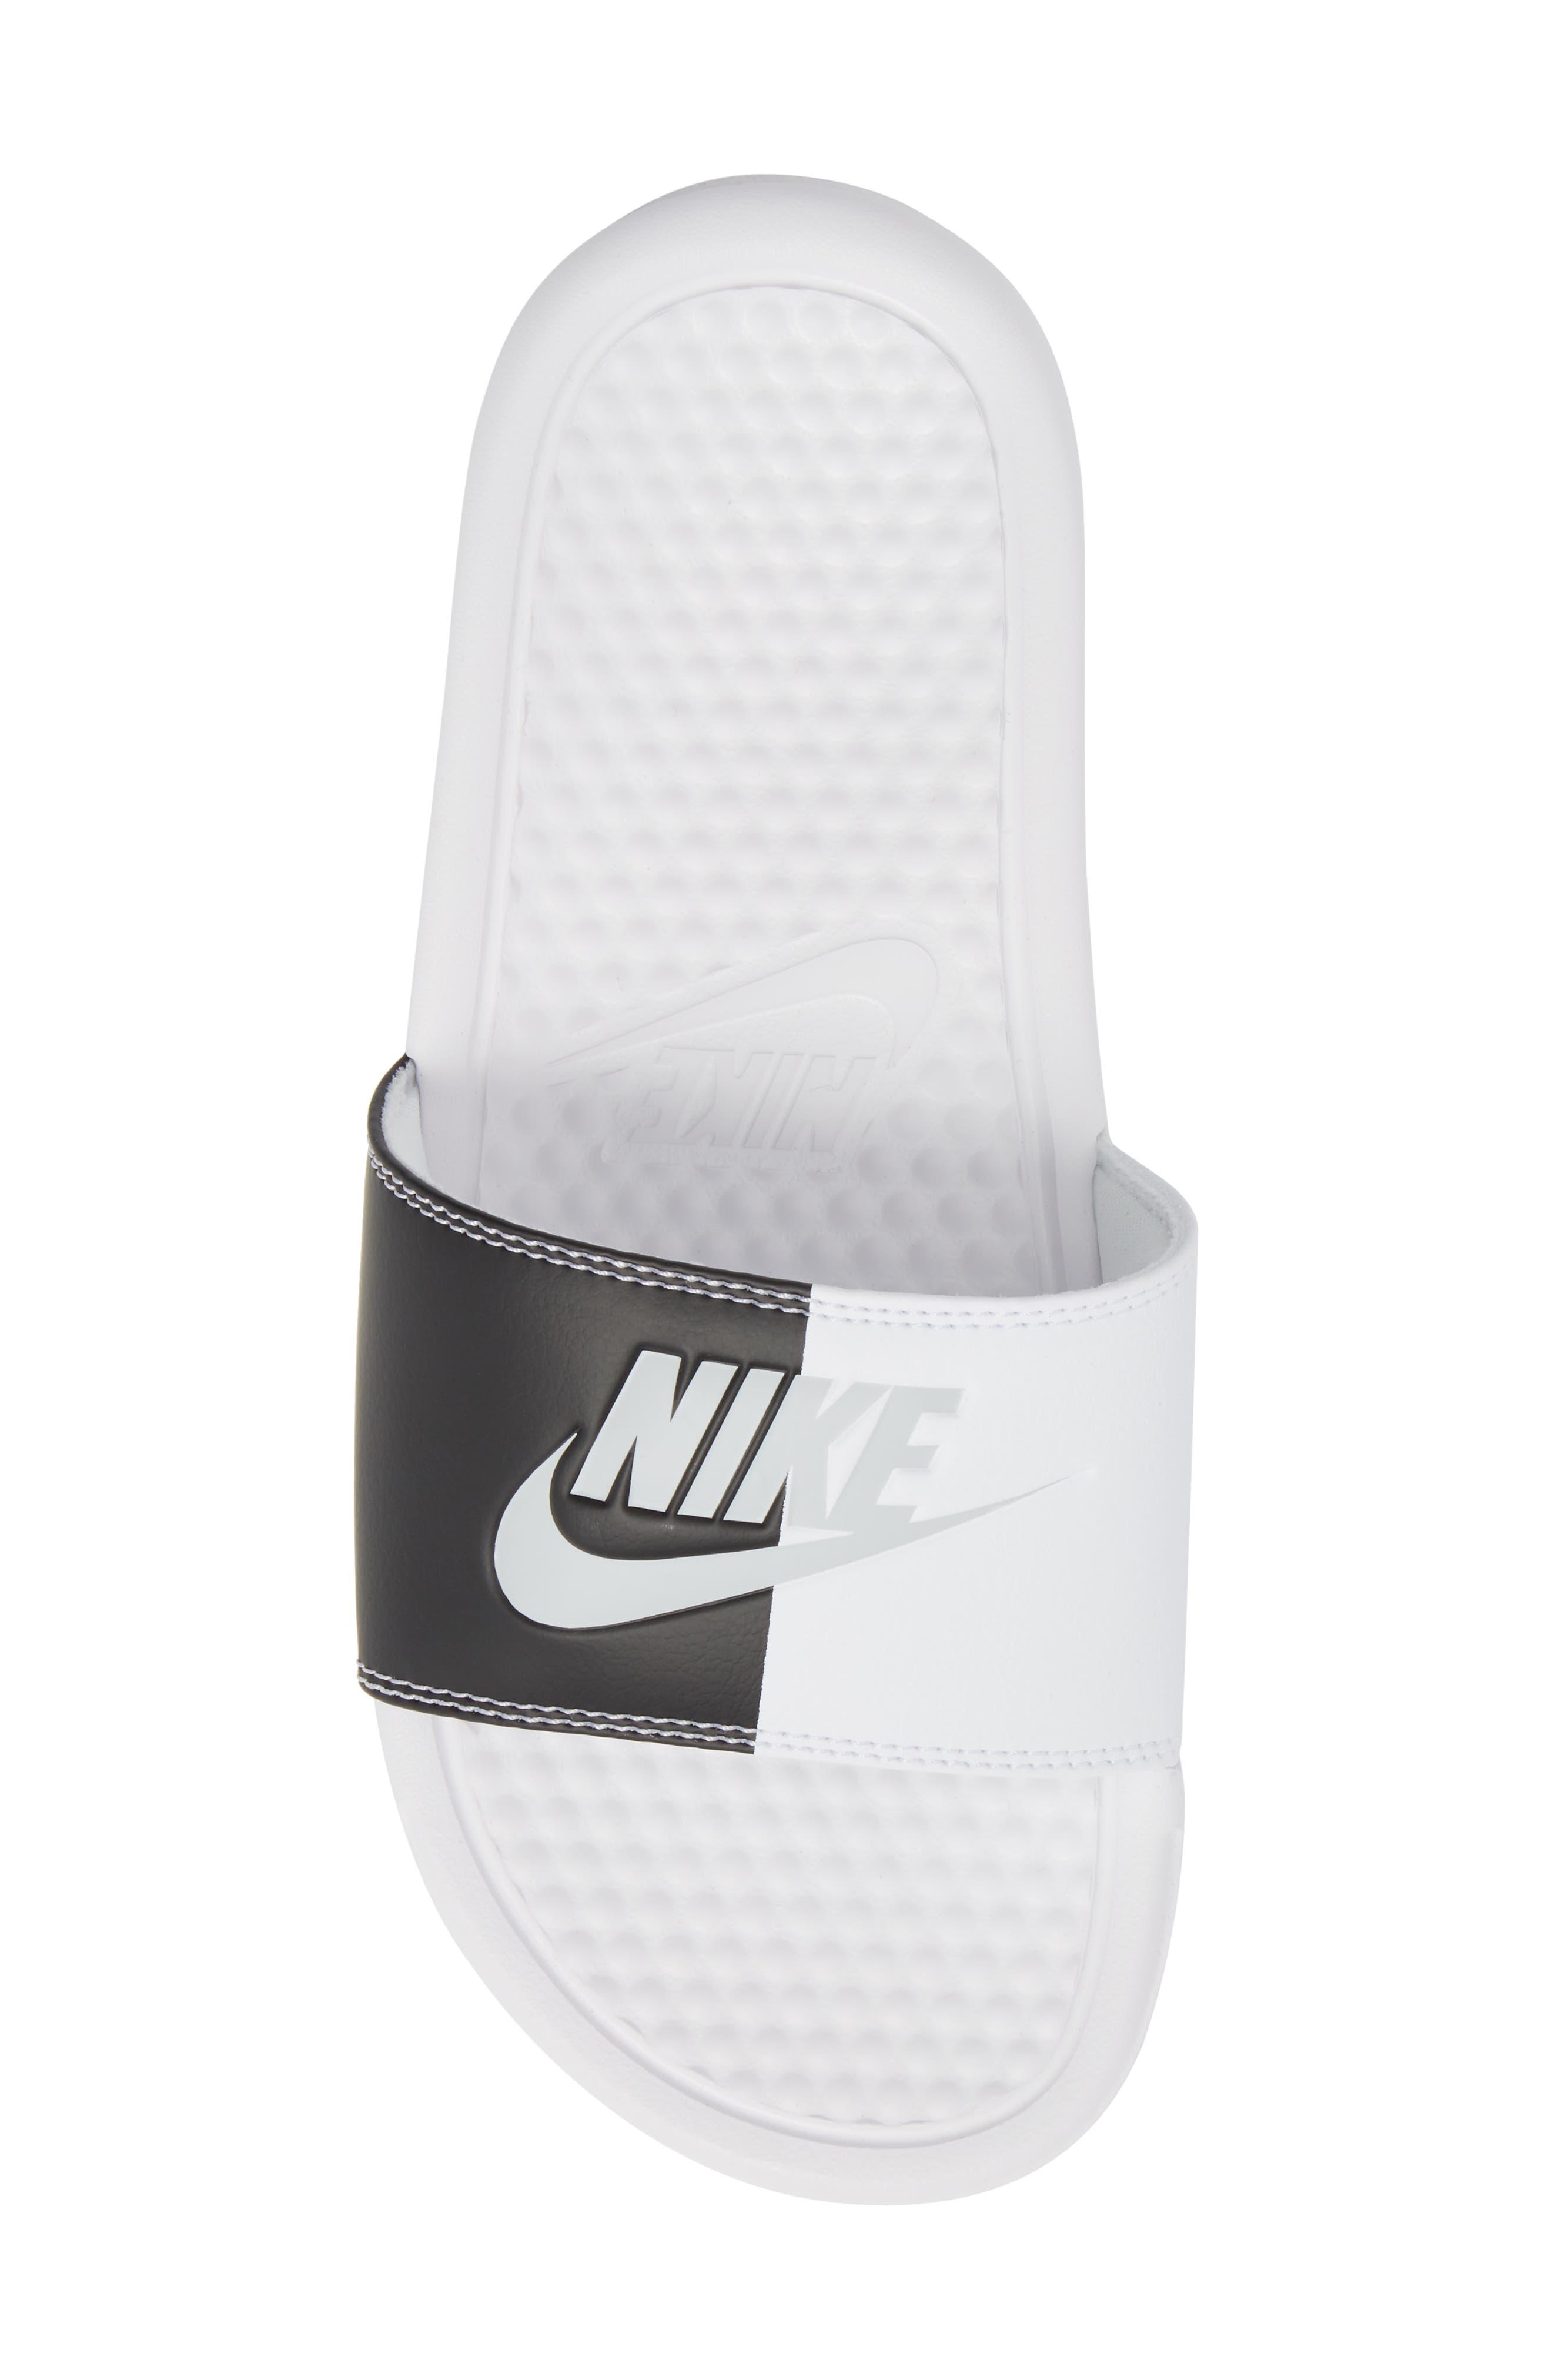 Benassi JDI Slide Sandal,                             Alternate thumbnail 5, color,                             White/ Pure Platinum